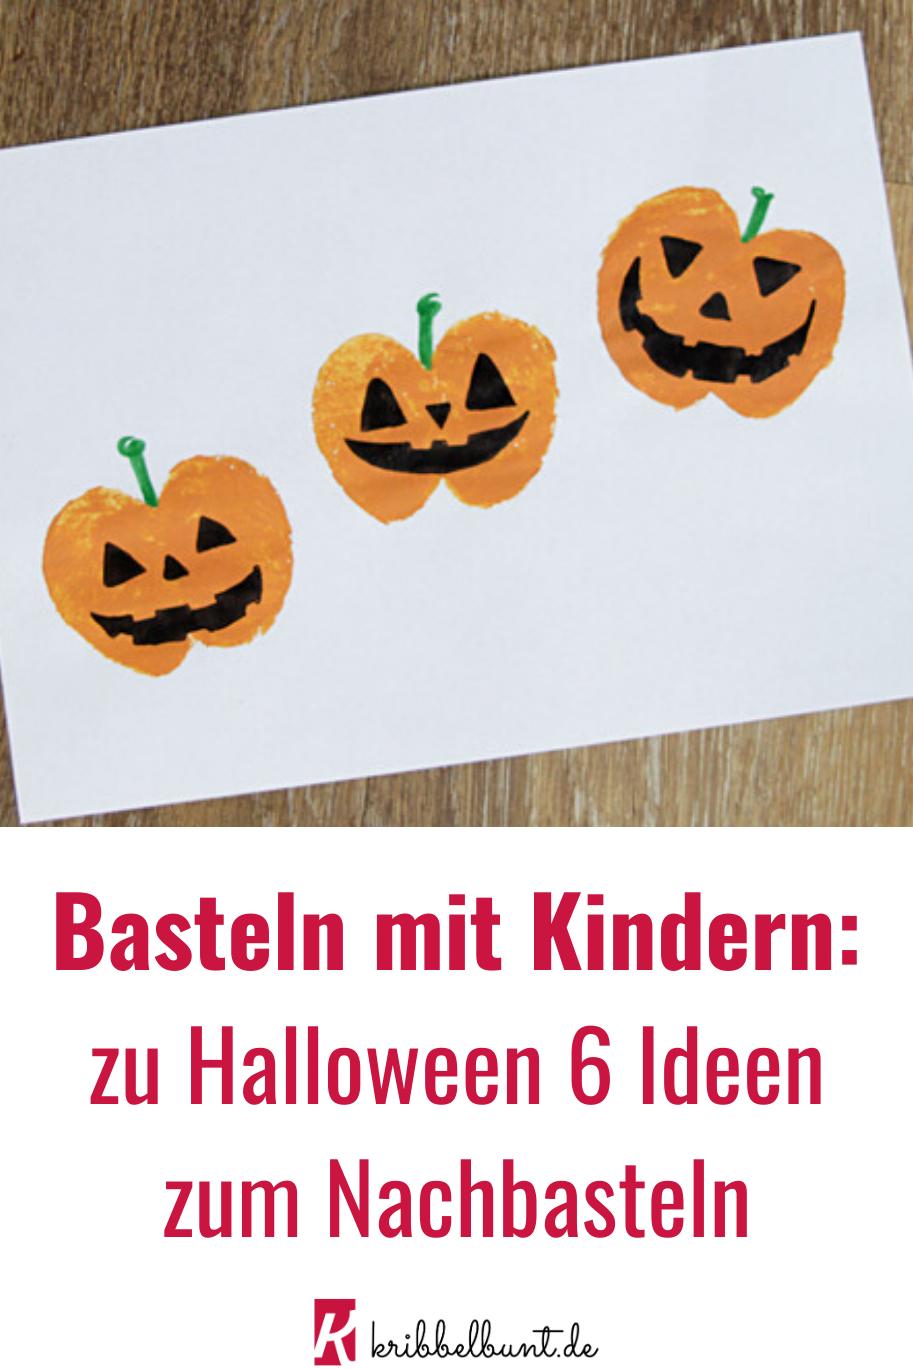 Basteln Mit Kindern Zu Halloween In 2020 Basteln Halloween Halloween Deko Basteln Basteln Mit Kindern